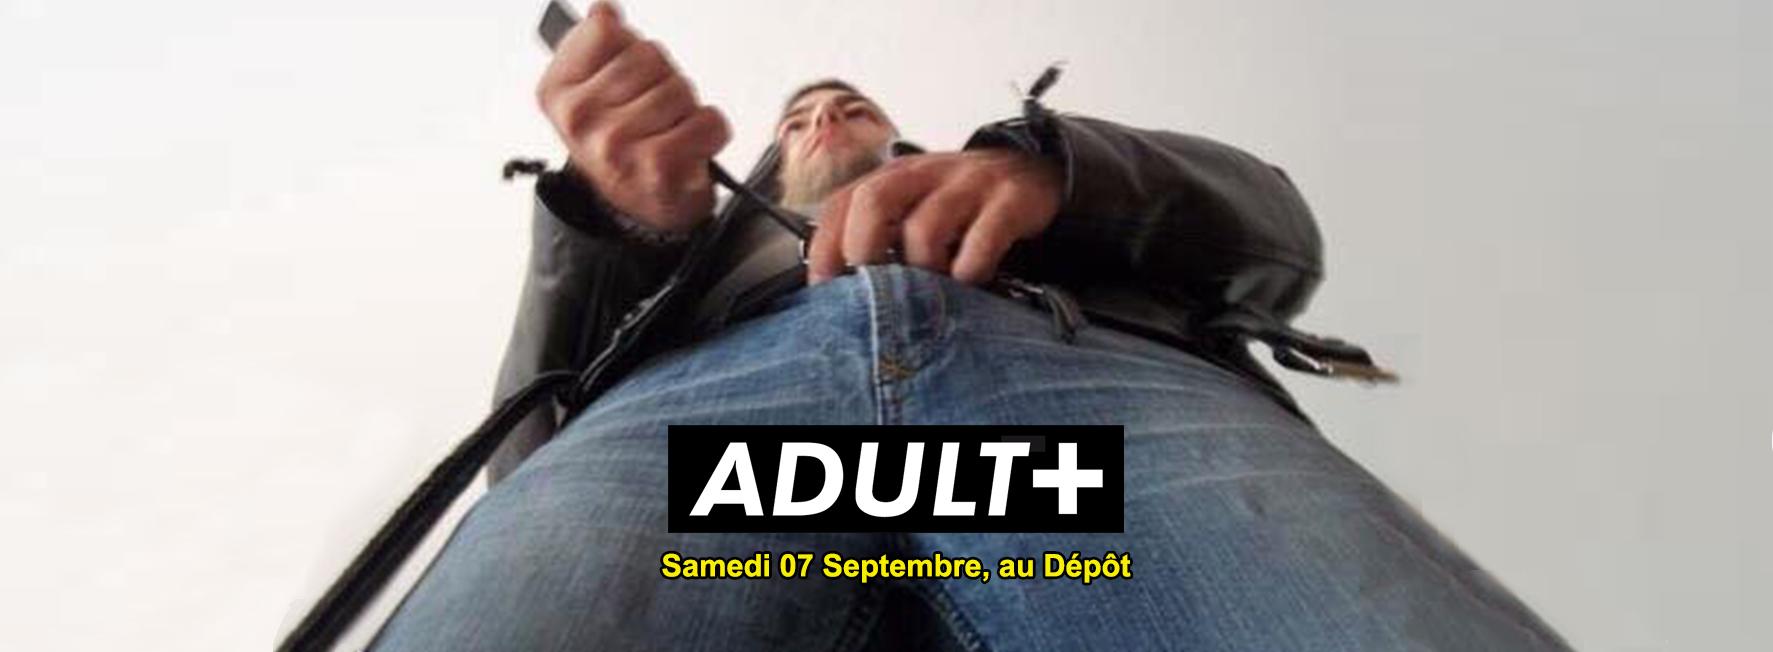 Adult Party Sept 2019 au Depot